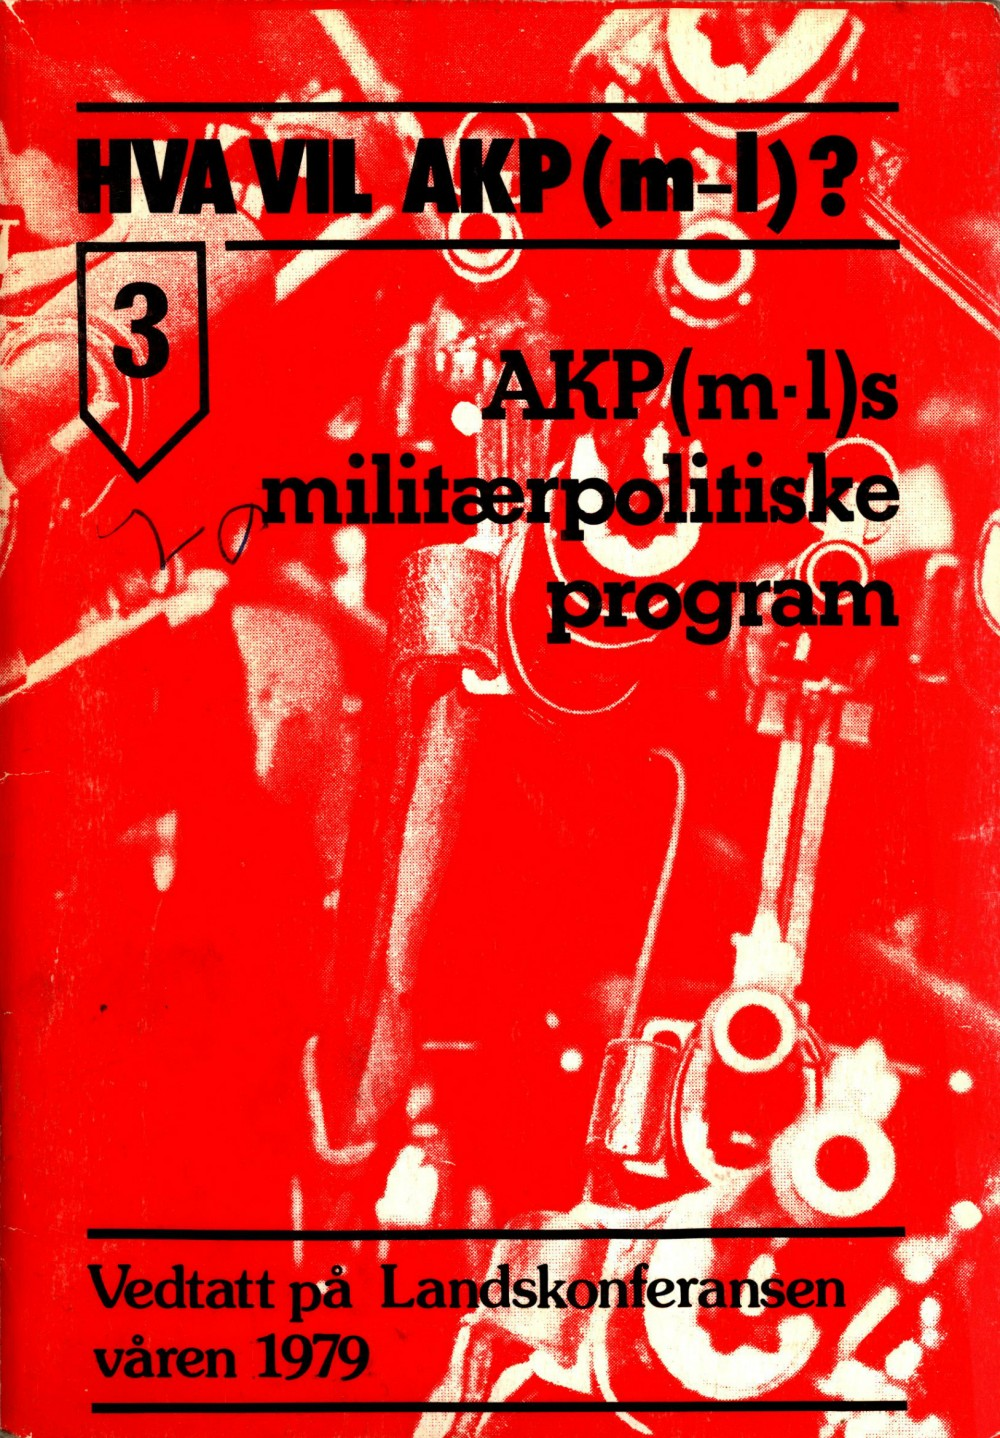 Hva vil AKP(m-l)? #3: AKP (m-l)s militærpolitiske program